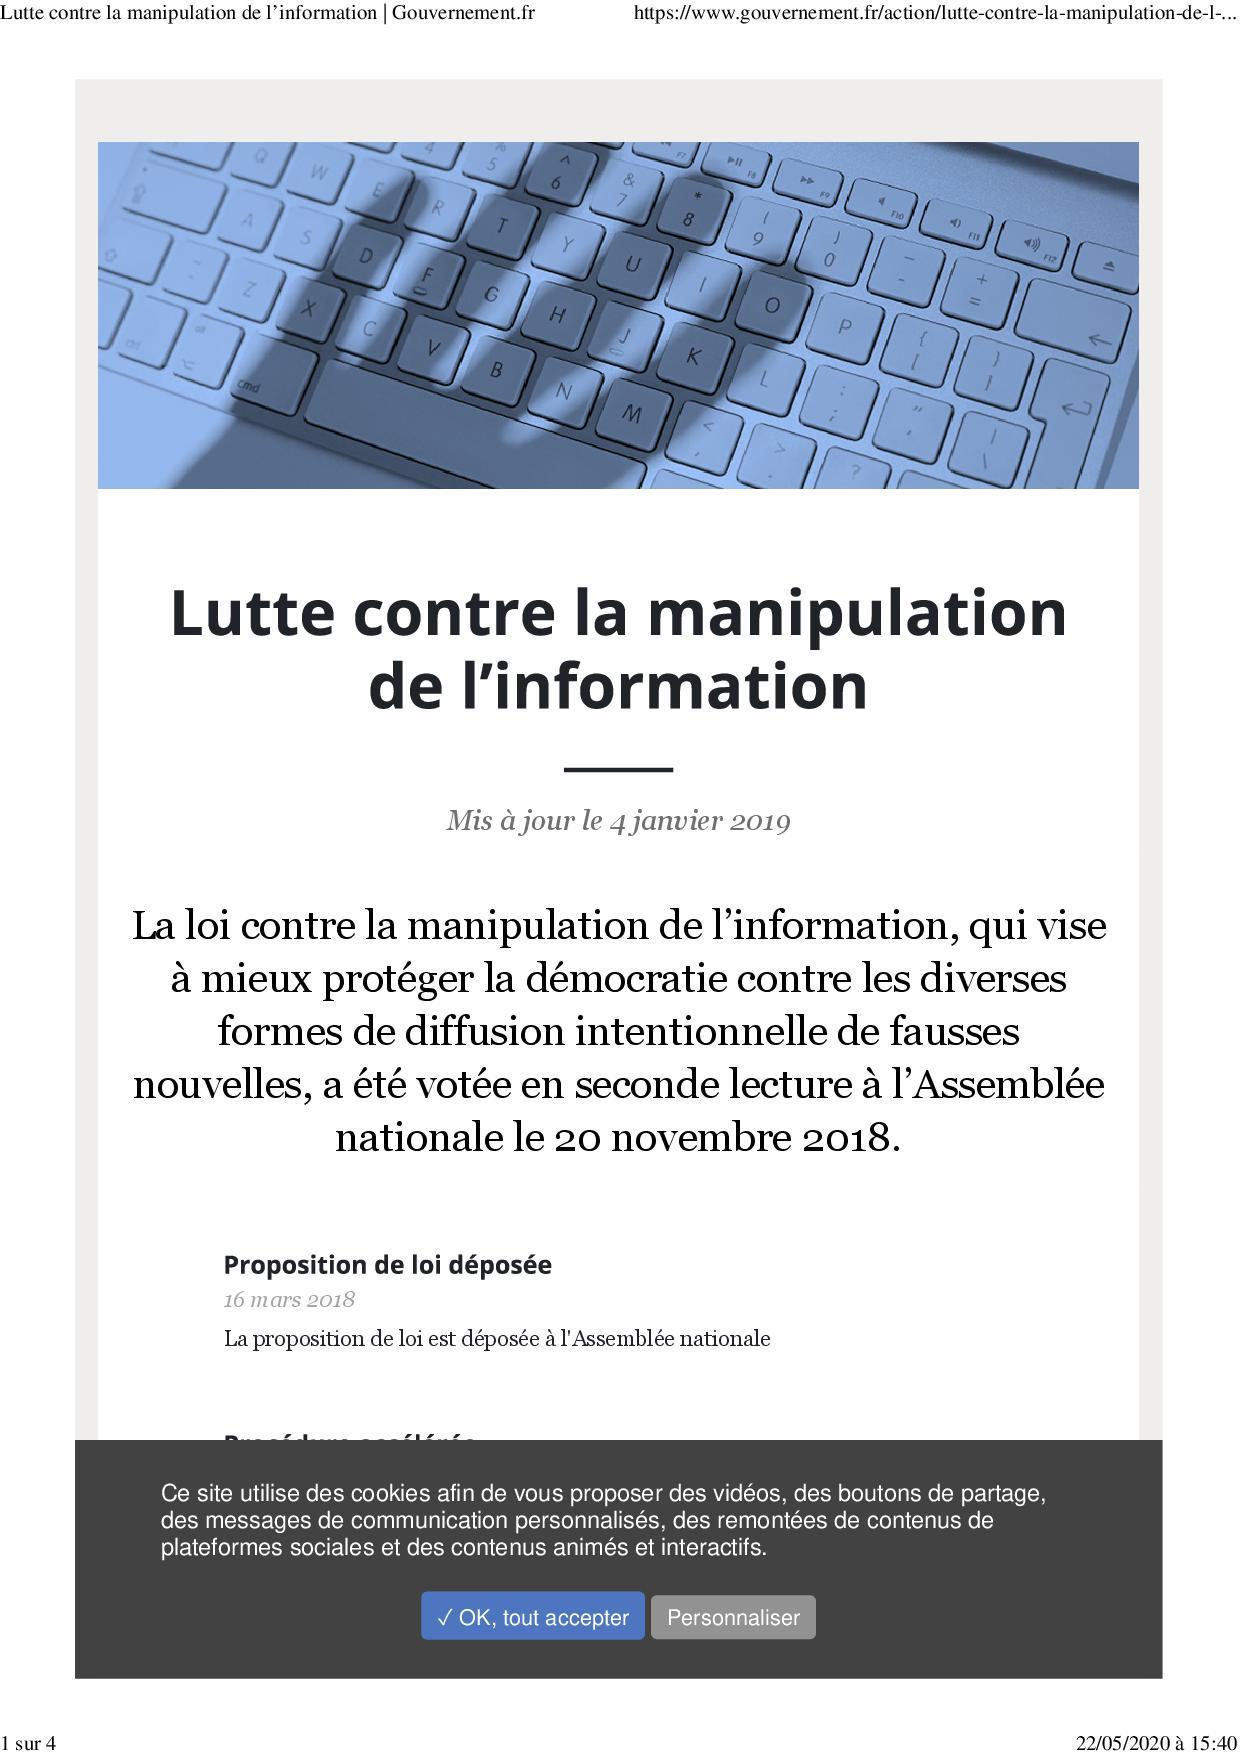 Lutte contre la manipulation de l'information _ Gouvernement.fr1.jpg